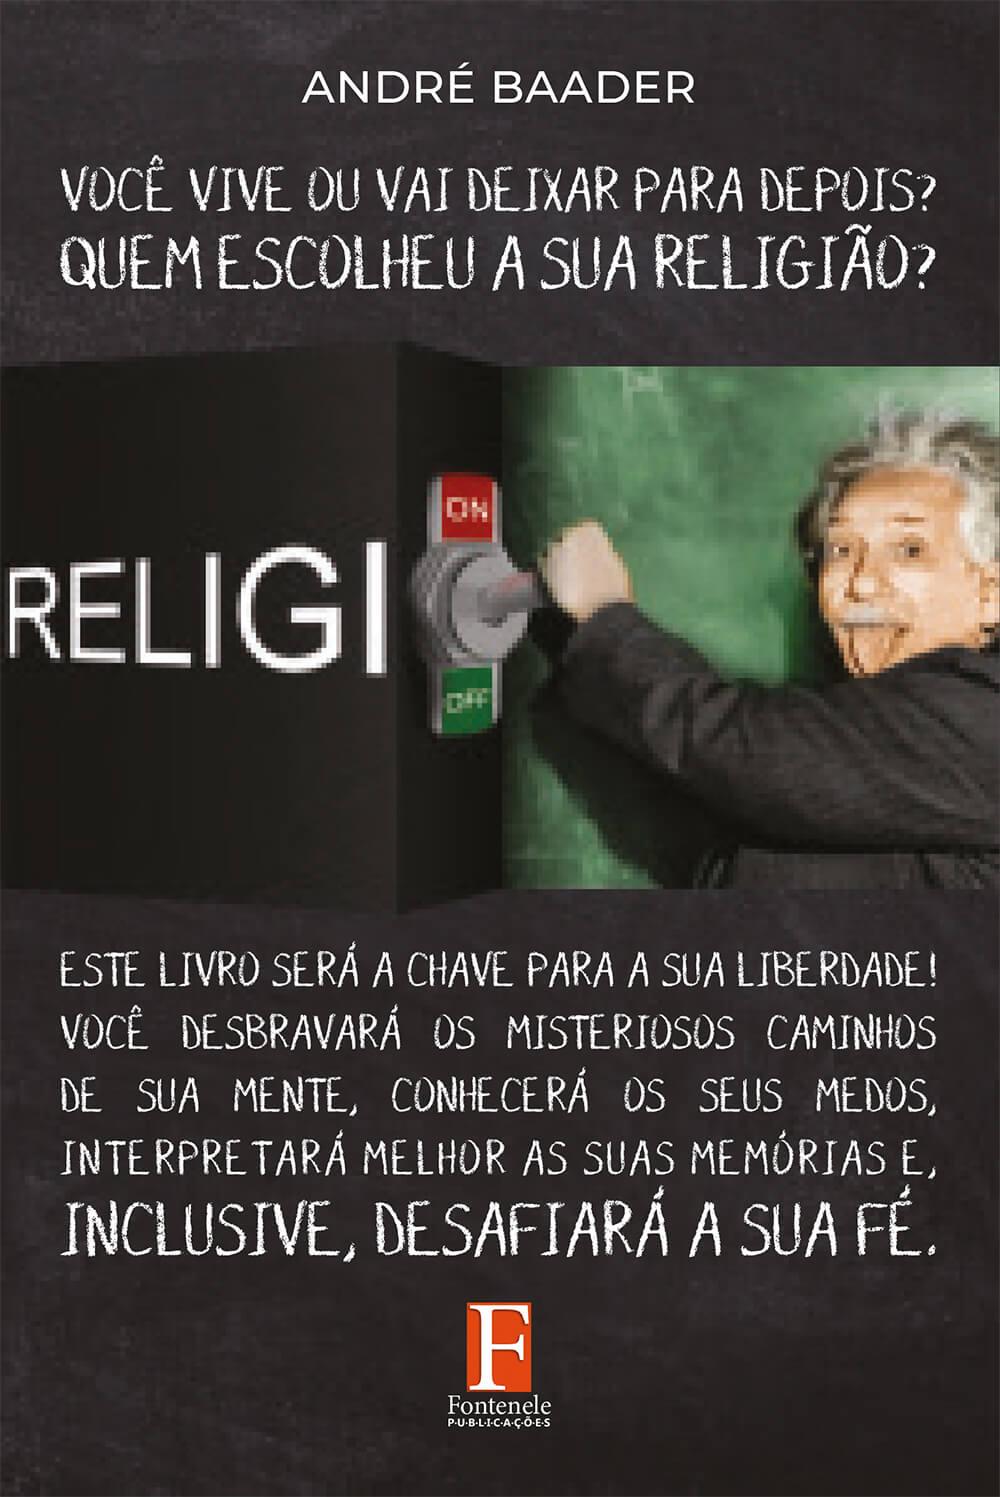 Fontenele Publicações / 11 95150-3481 / 11  95150-4383 QUEM ESCOLHEU A SUA RELIGIÃO?